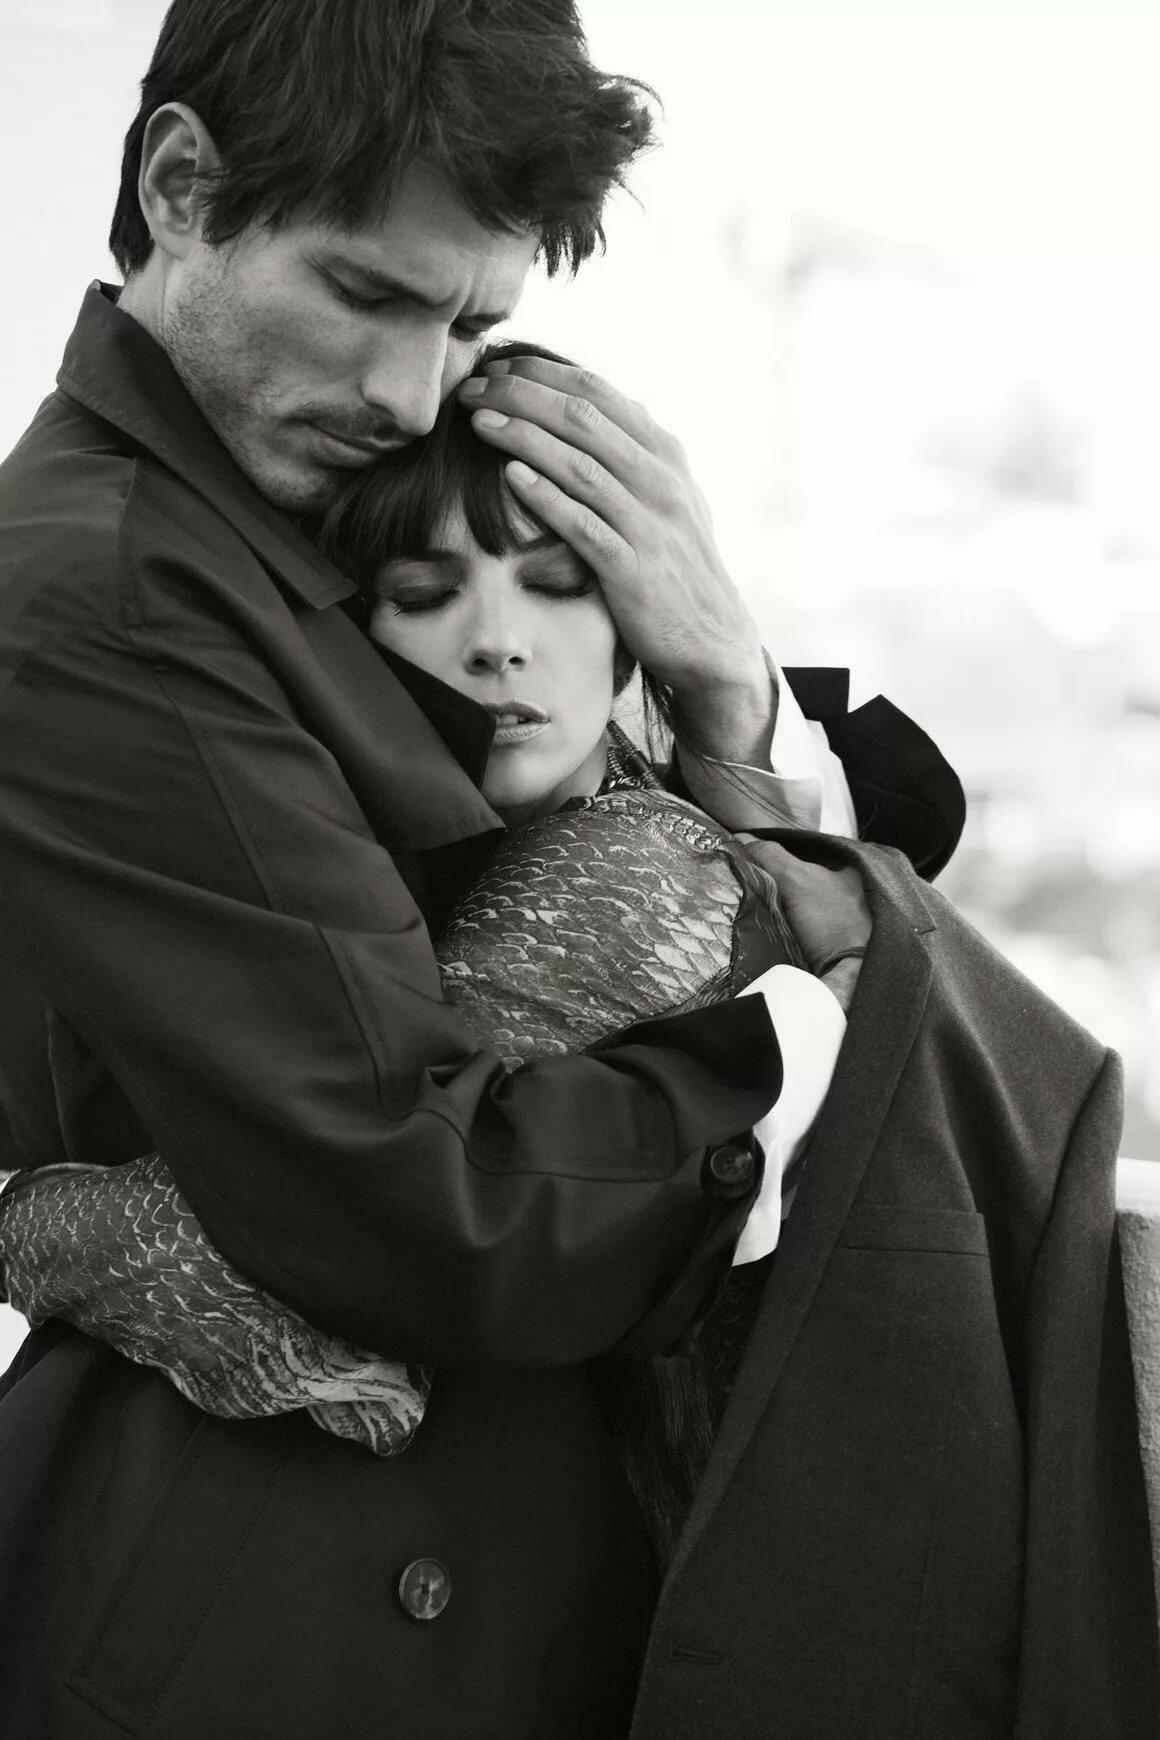 Мужчина и женщина прижимаются фото, видео голой наездницы с парнем